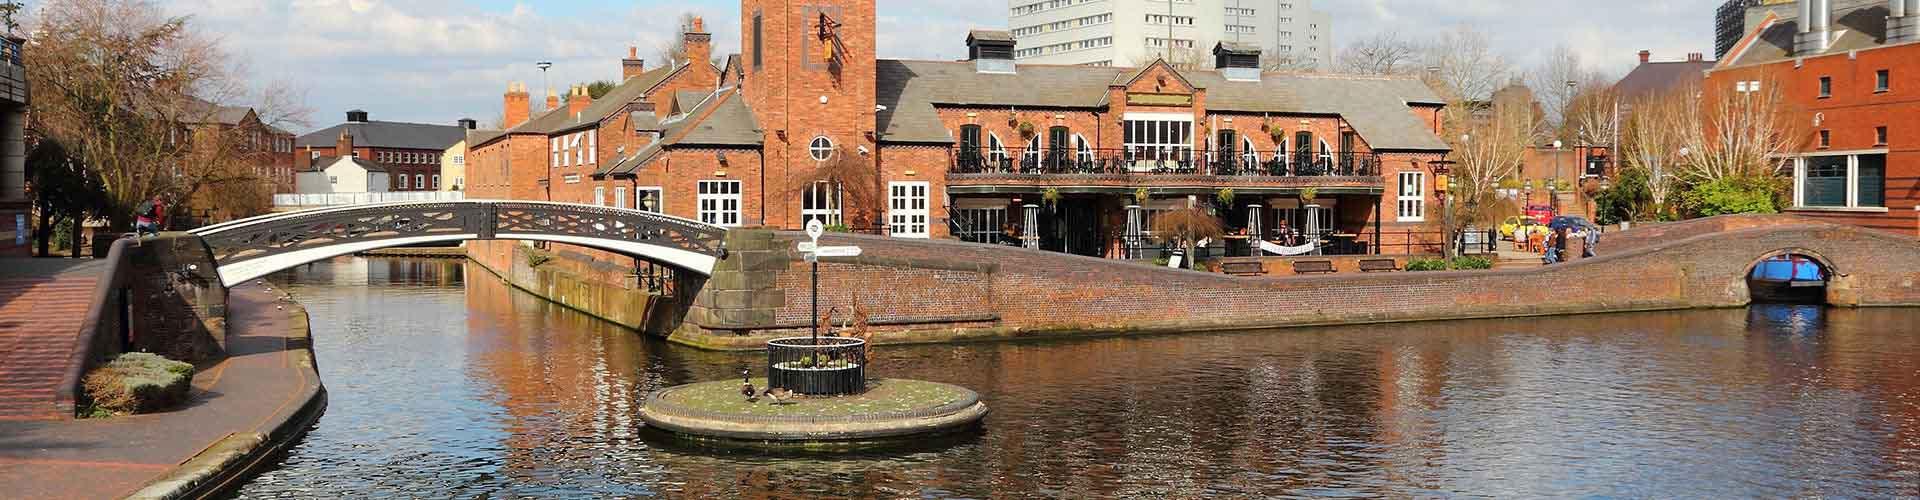 Birmingham - Hotele w mieście Birmingham, Mapy miasta Birmingham, Zdjęcia i Recenzje dla każdego Hotelu w mieście Birmingham.